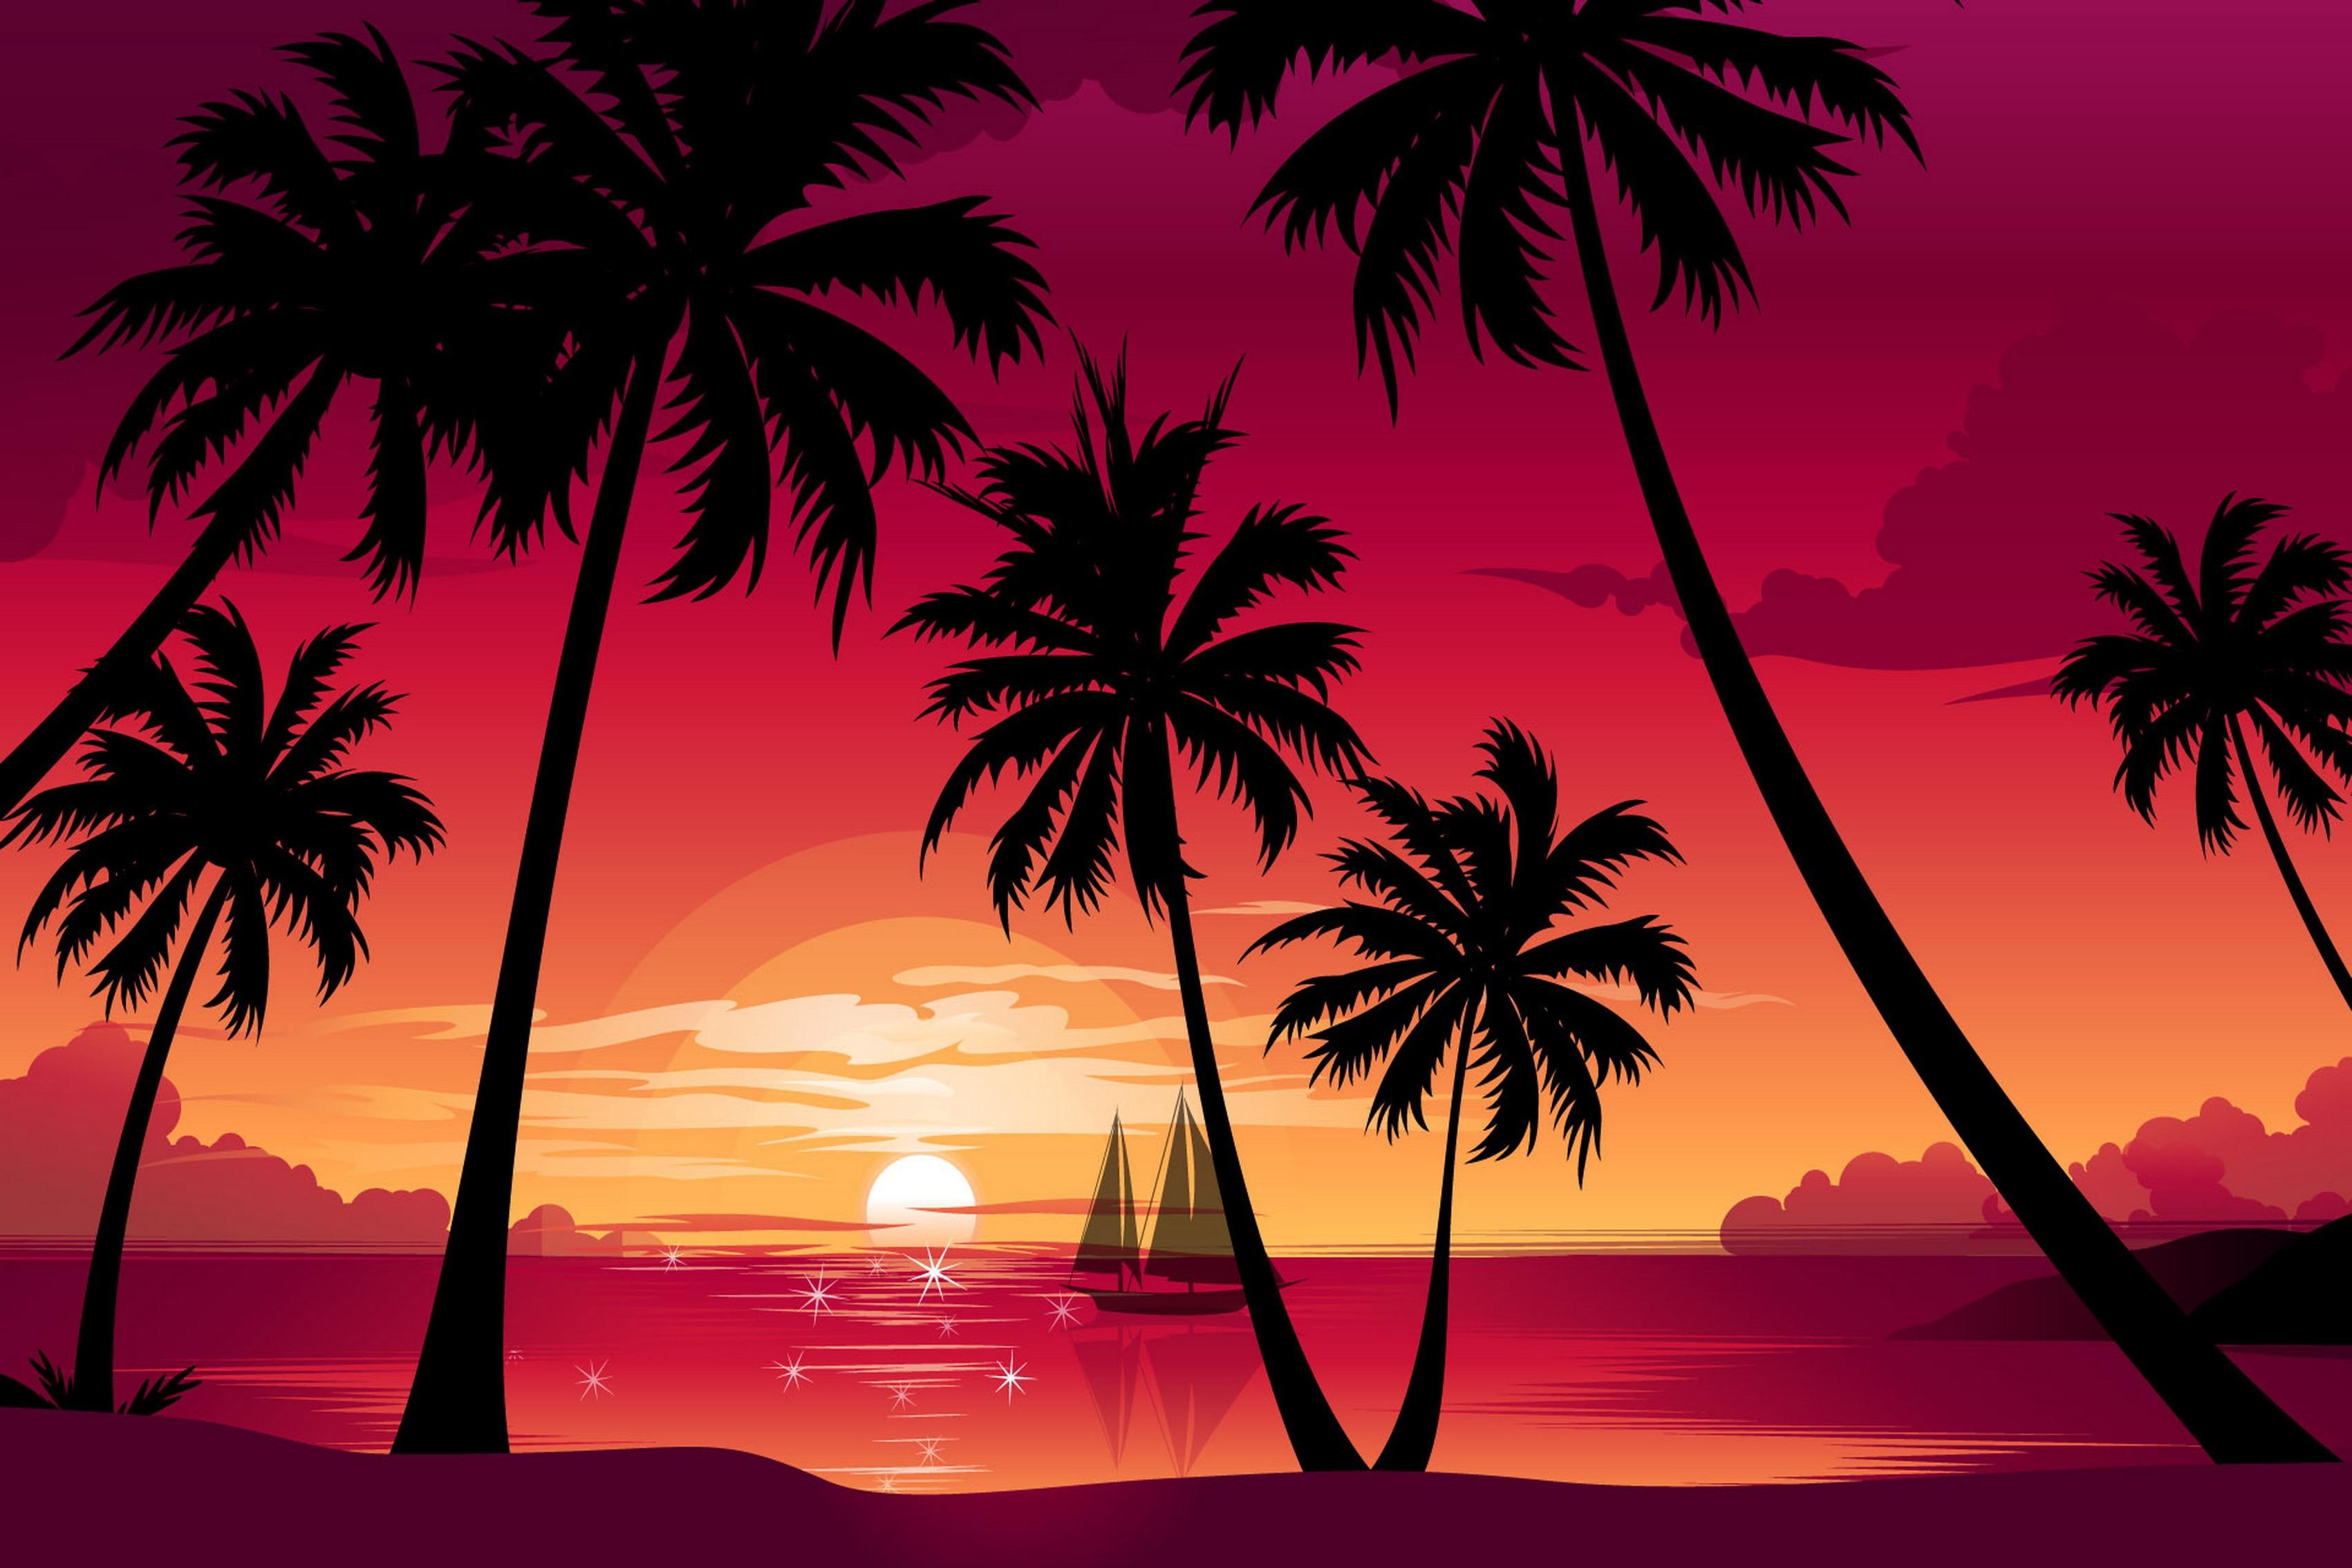 ⊱Naturaleza árboles de palma Playa Mar barco puesta de sol vector ...